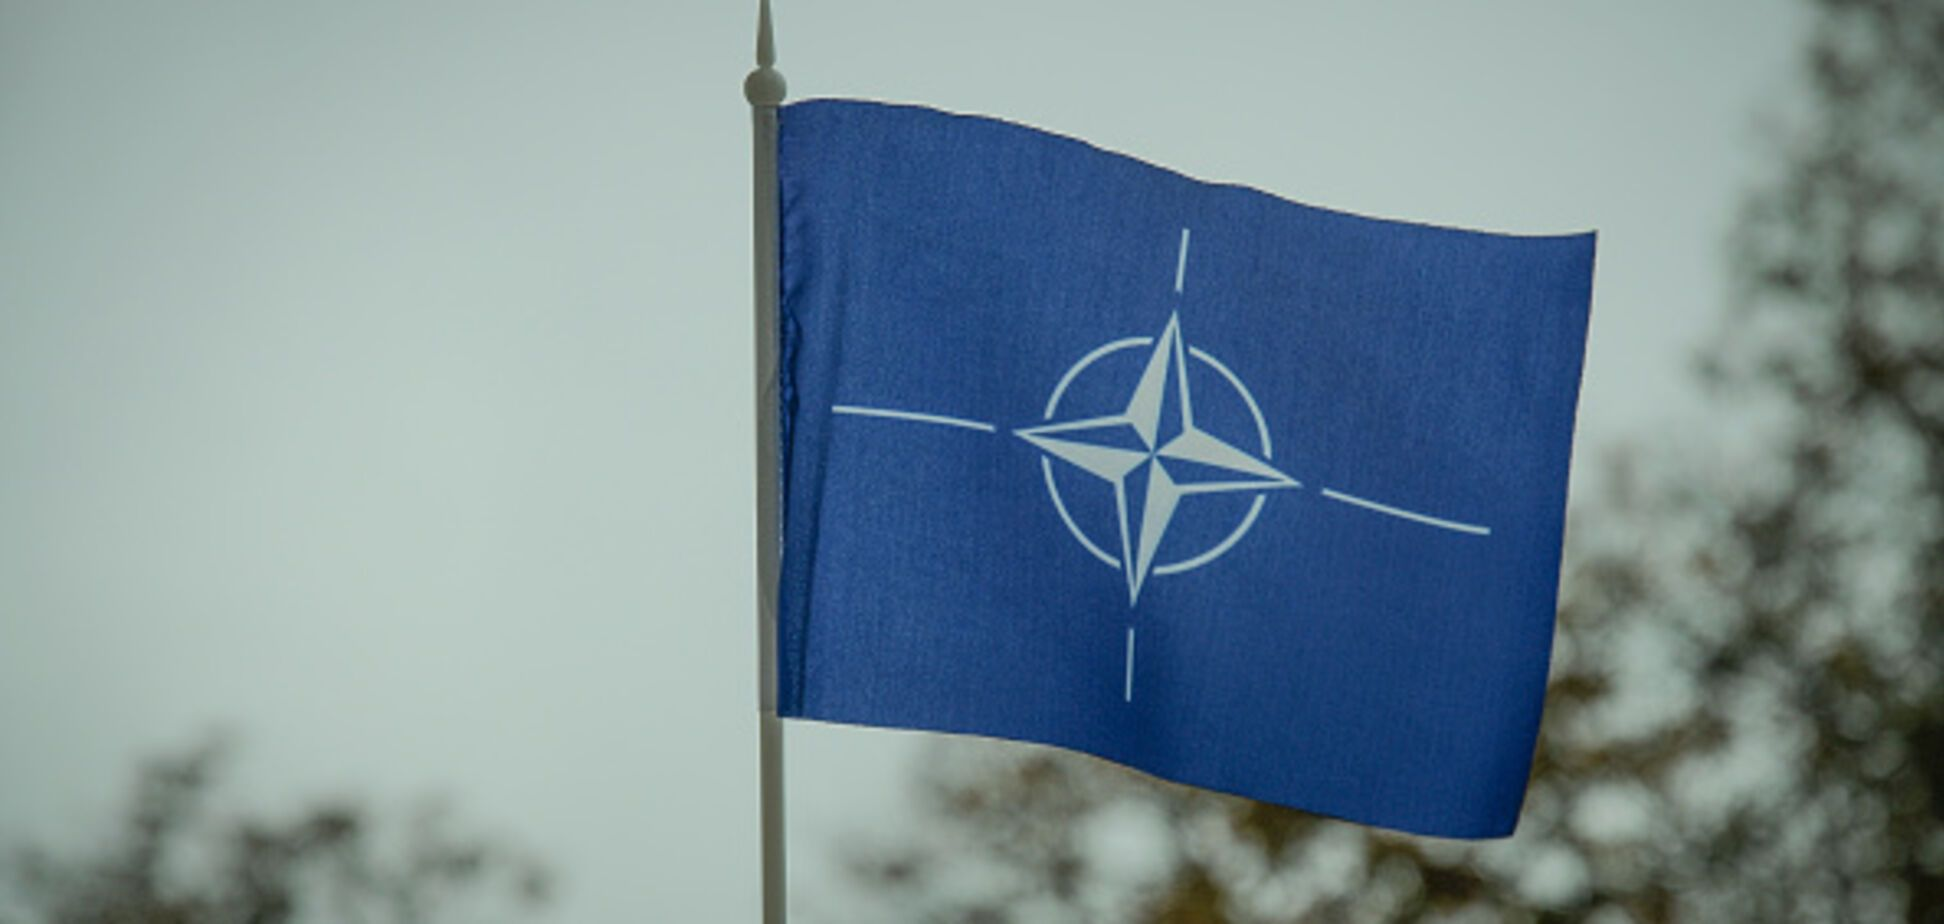 'Преград для присоединения нет': в НАТО сделали неожиданное заявление по Украине